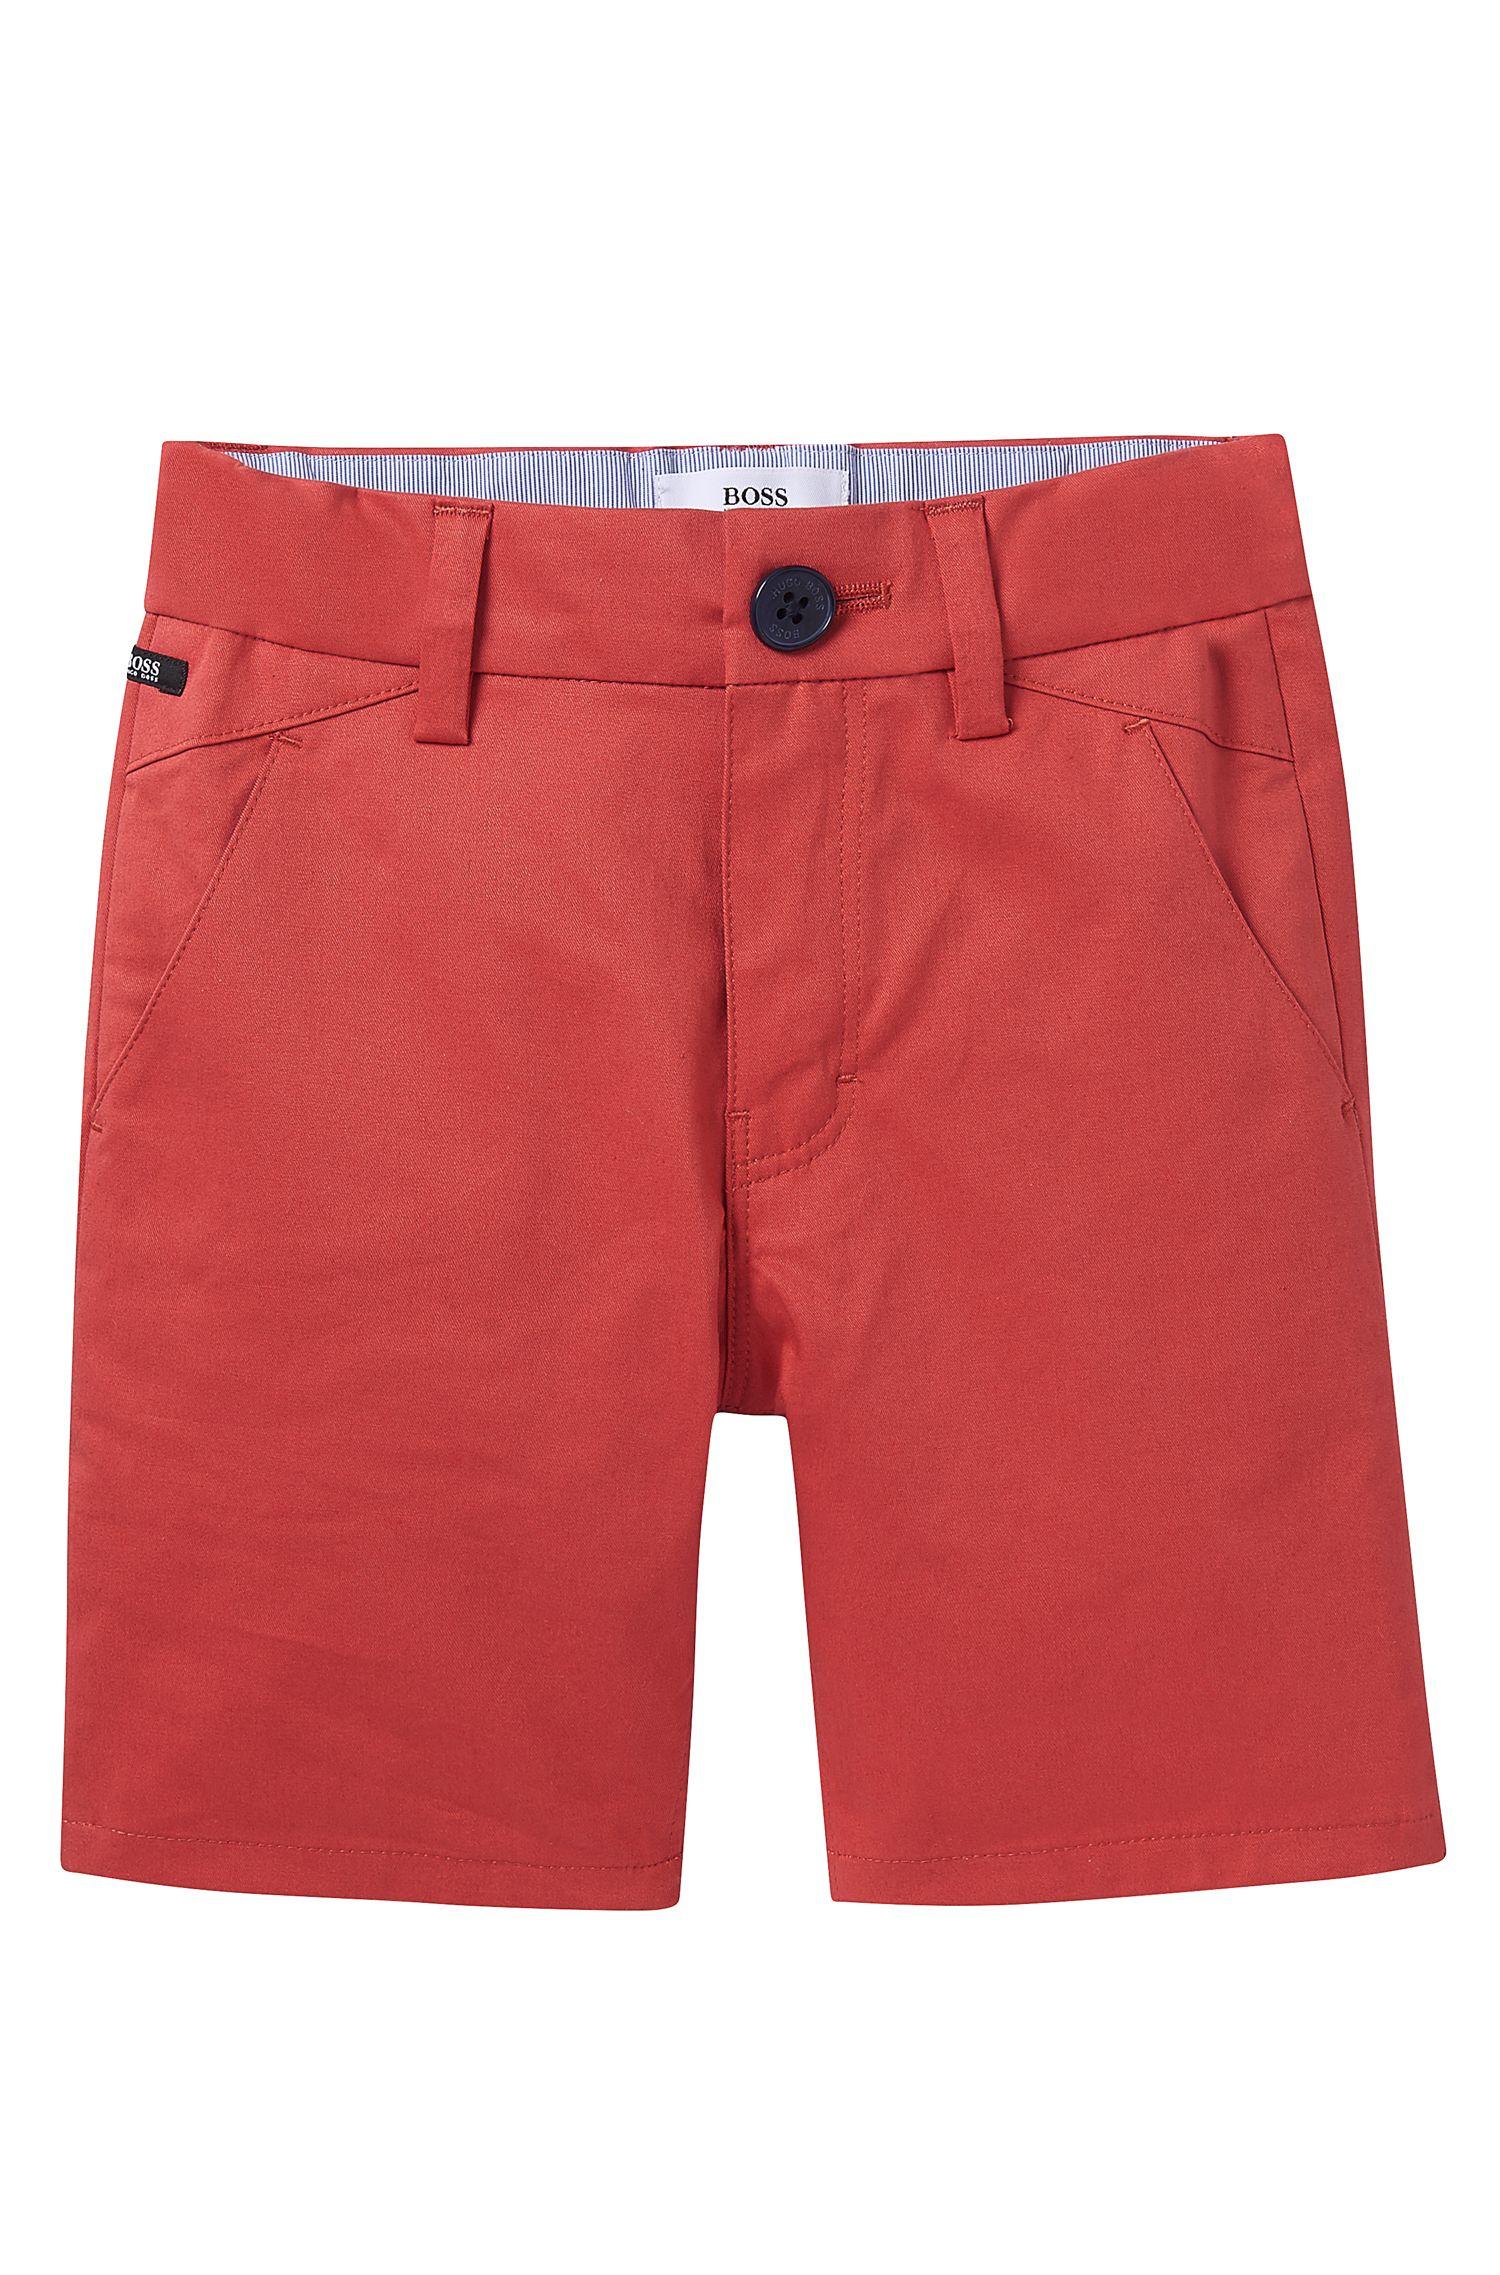 'J04221' | Toddler Cotton Satin Weave Shorts